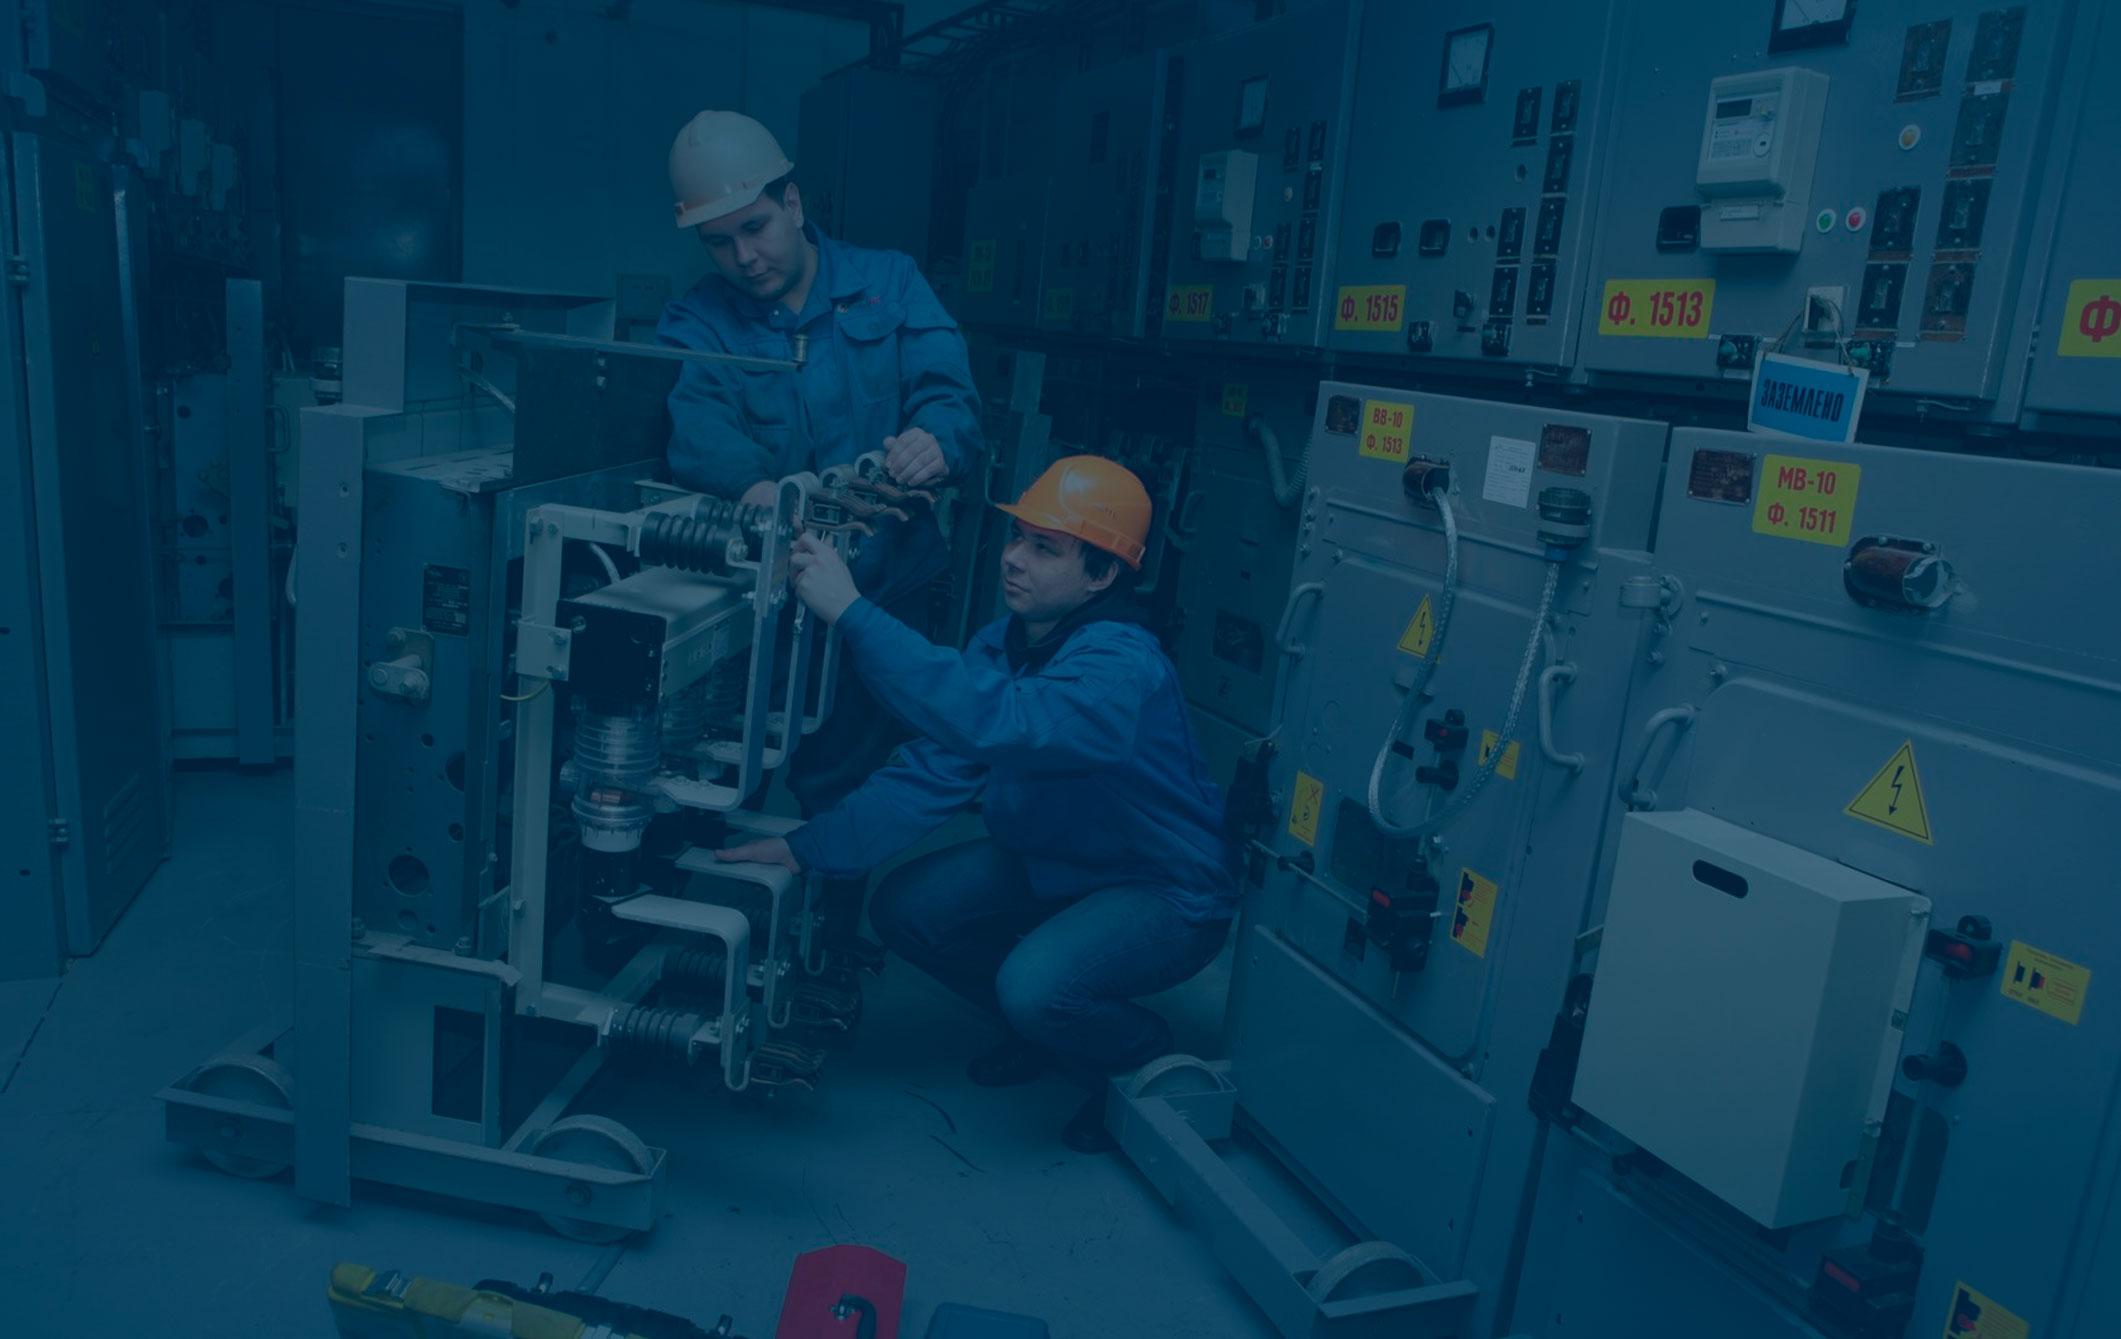 Г.1. Требования к порядку работы в электроустановках потребителей